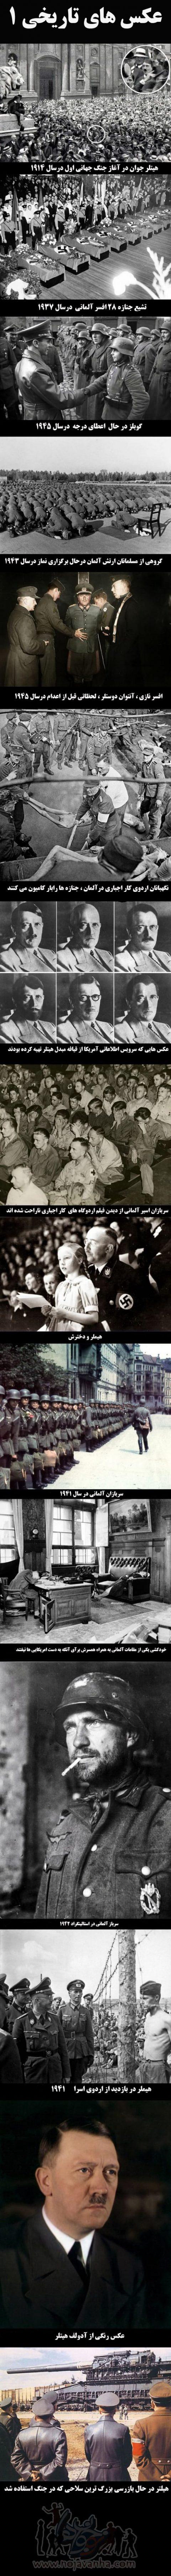 عکس های تاریخی (۱)